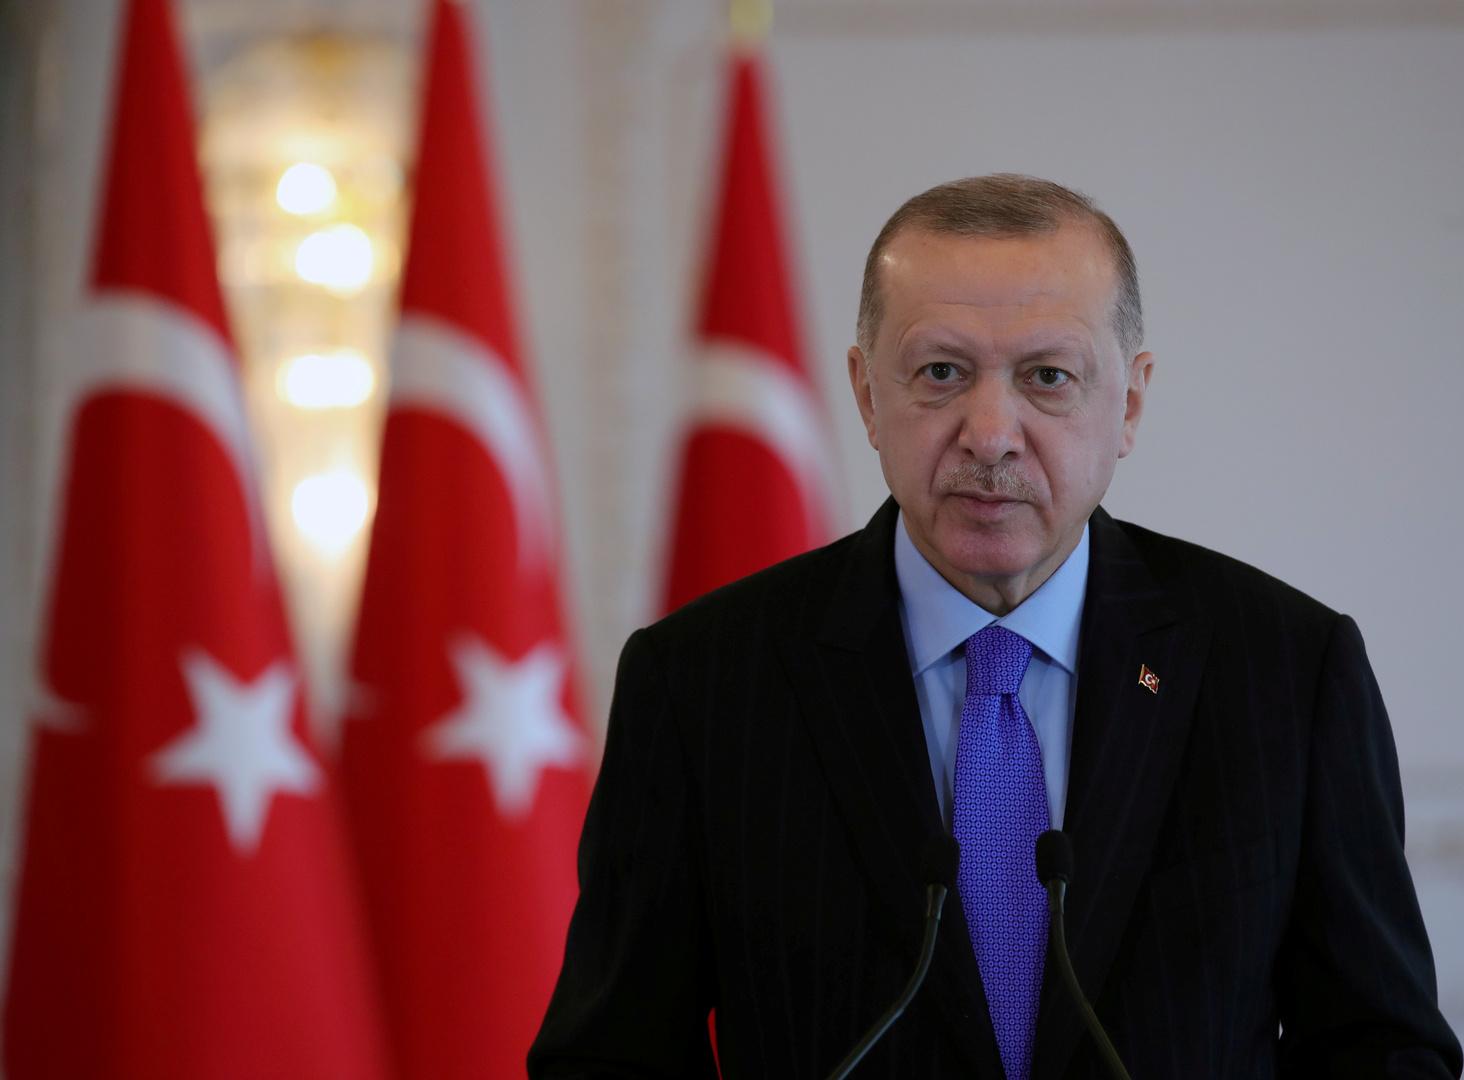 أردوغان: واثق بخروجنا منتصرين من <a href='/tags/172835-%D8%A7%D9%86%D8%AA%D8%AE%D8%A7%D8%A8%D8%A7%D8%AA'>انتخابات</a> 2023